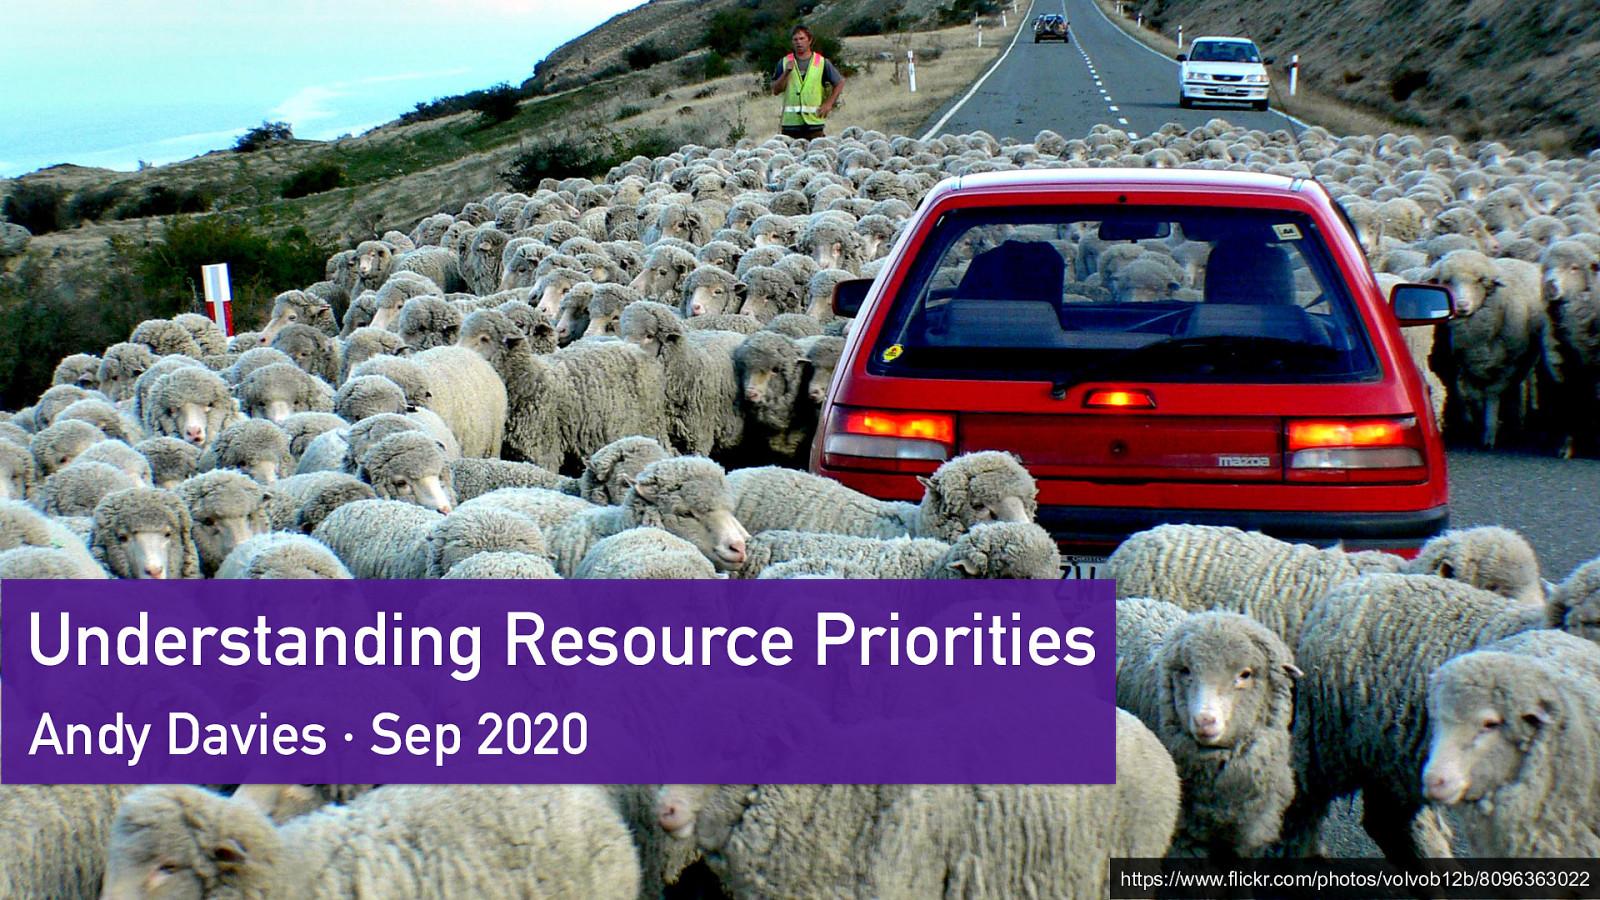 Understanding Resource Priorities